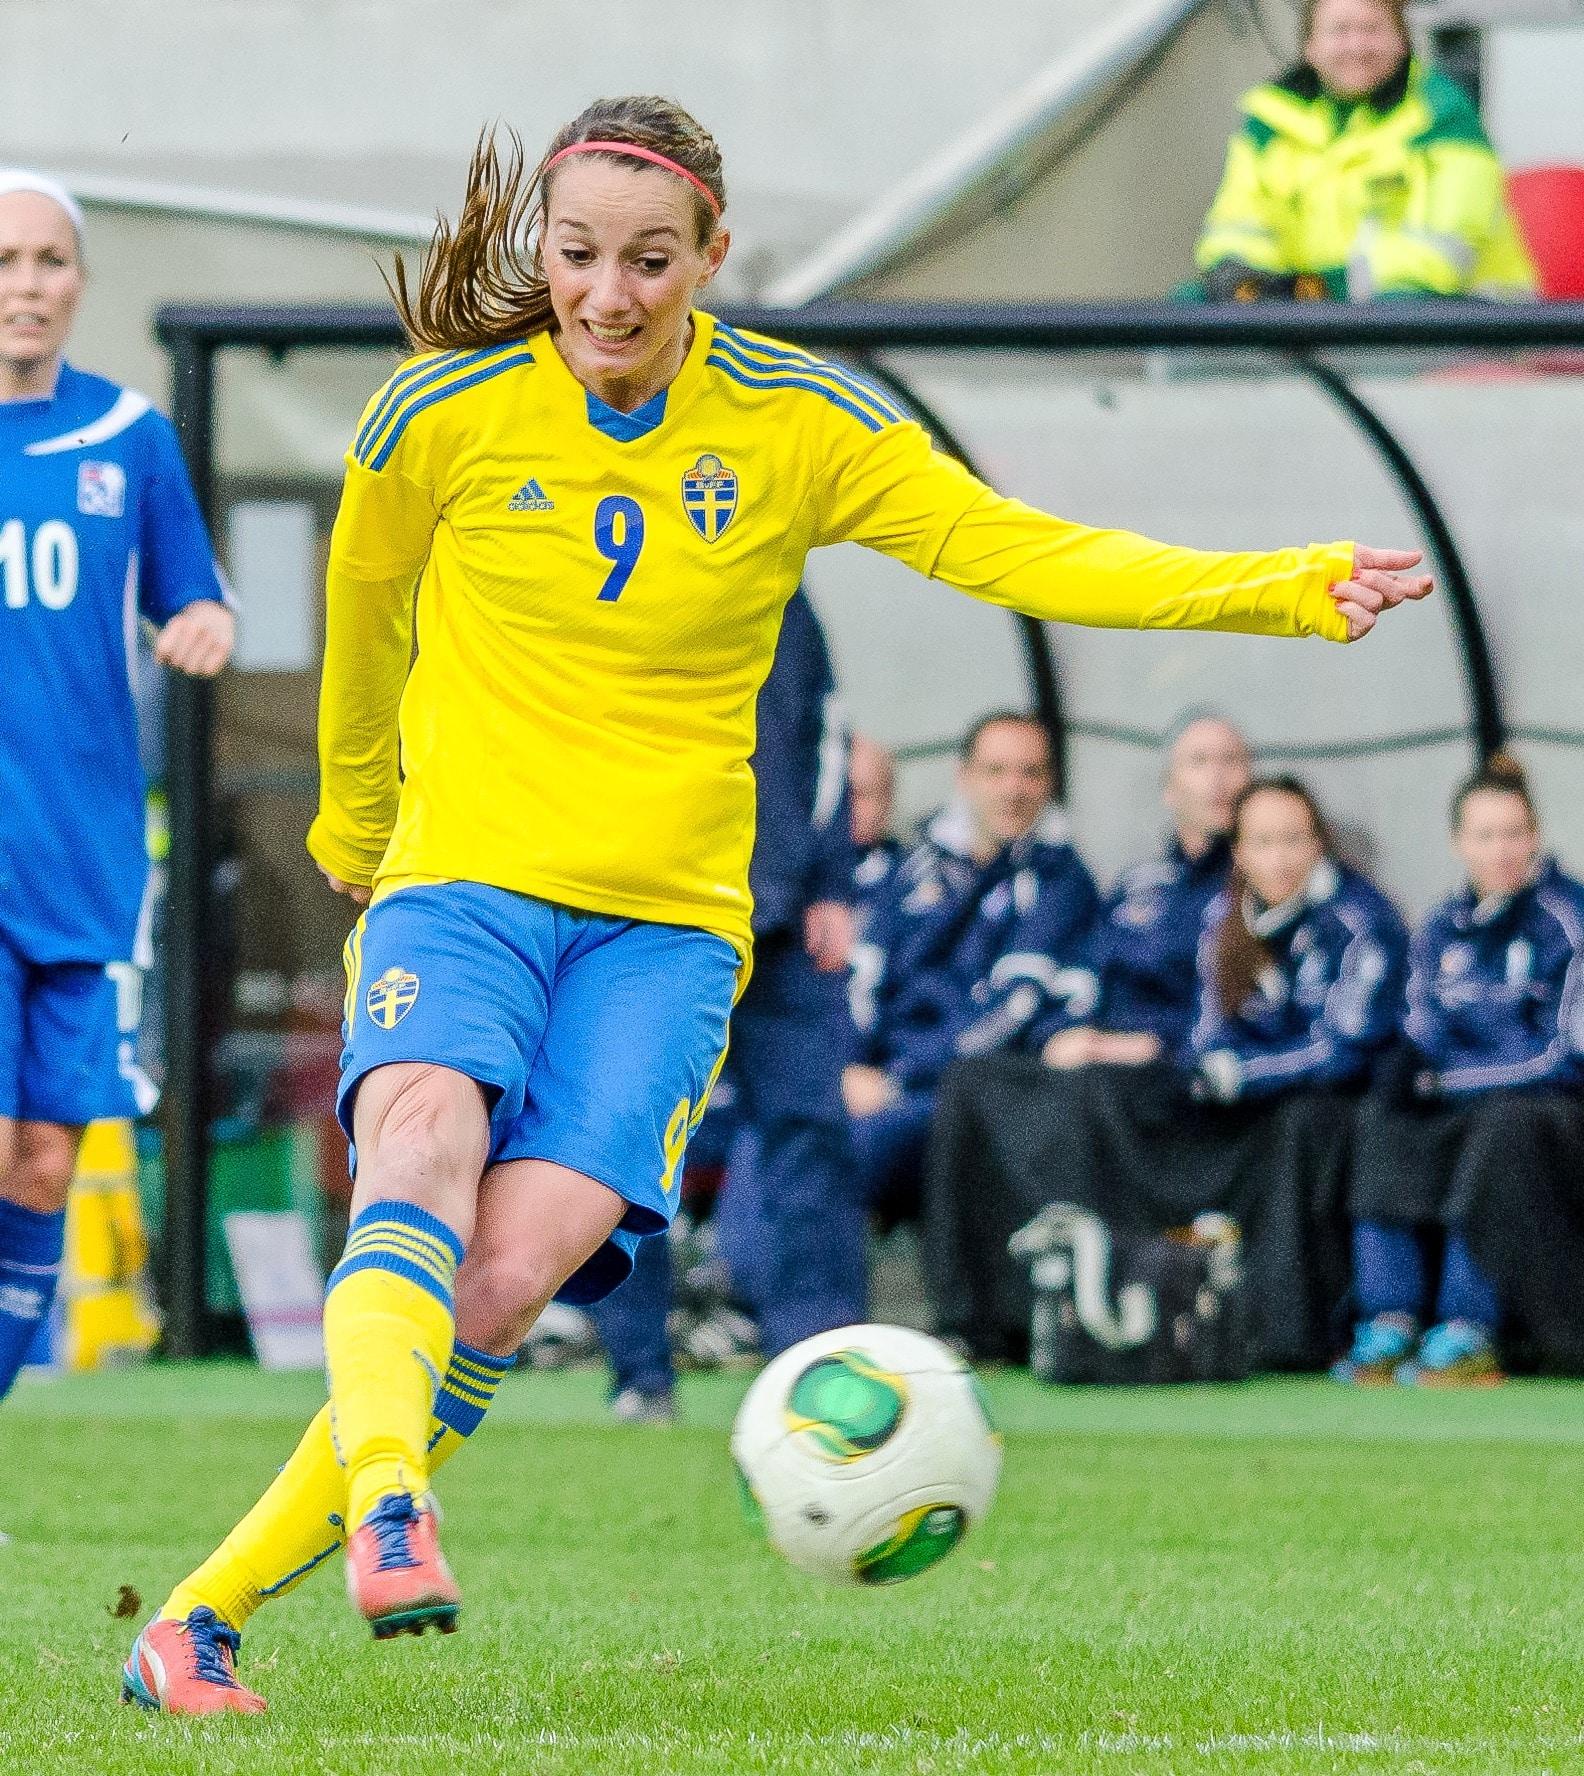 Det Svenska damernas fotbolls -VM -laget